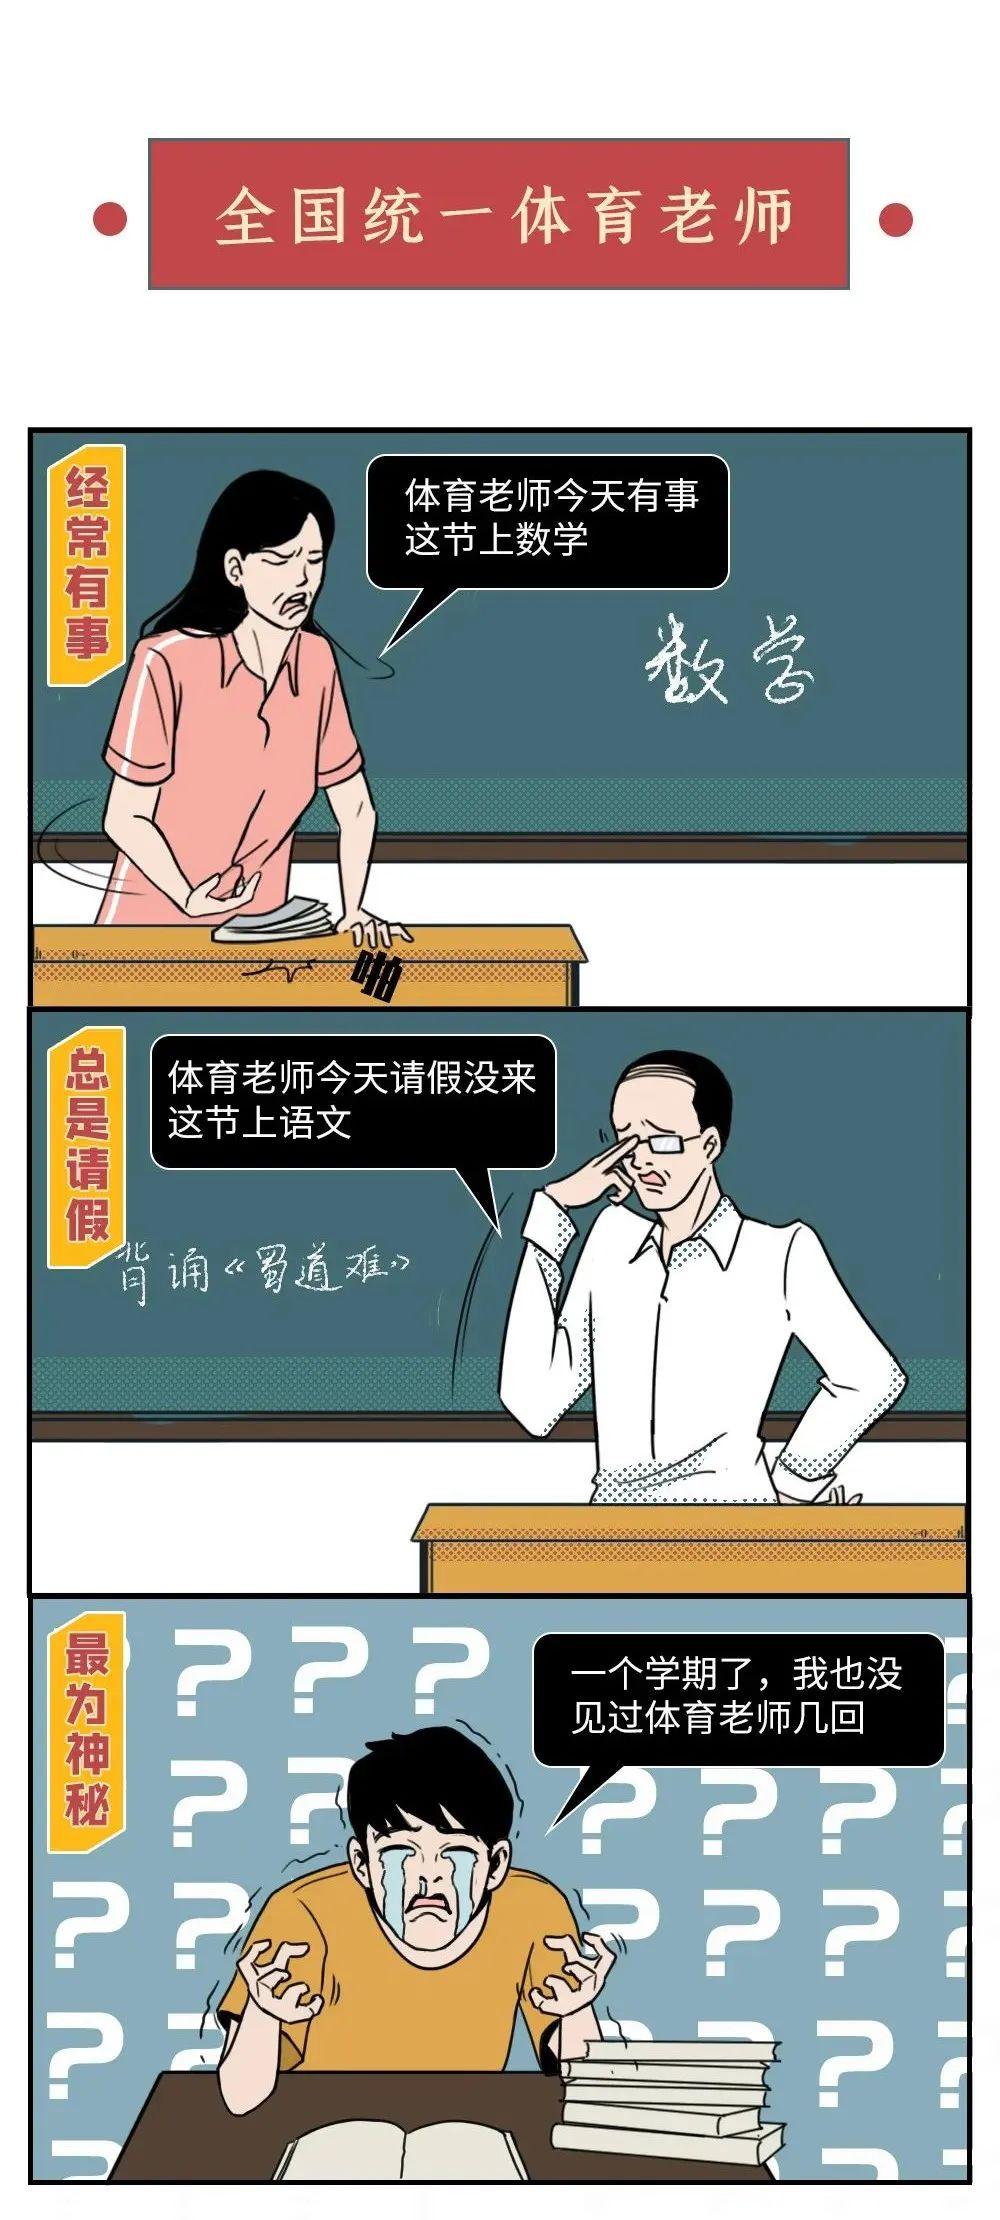 太准了吧,这就是我的老师!